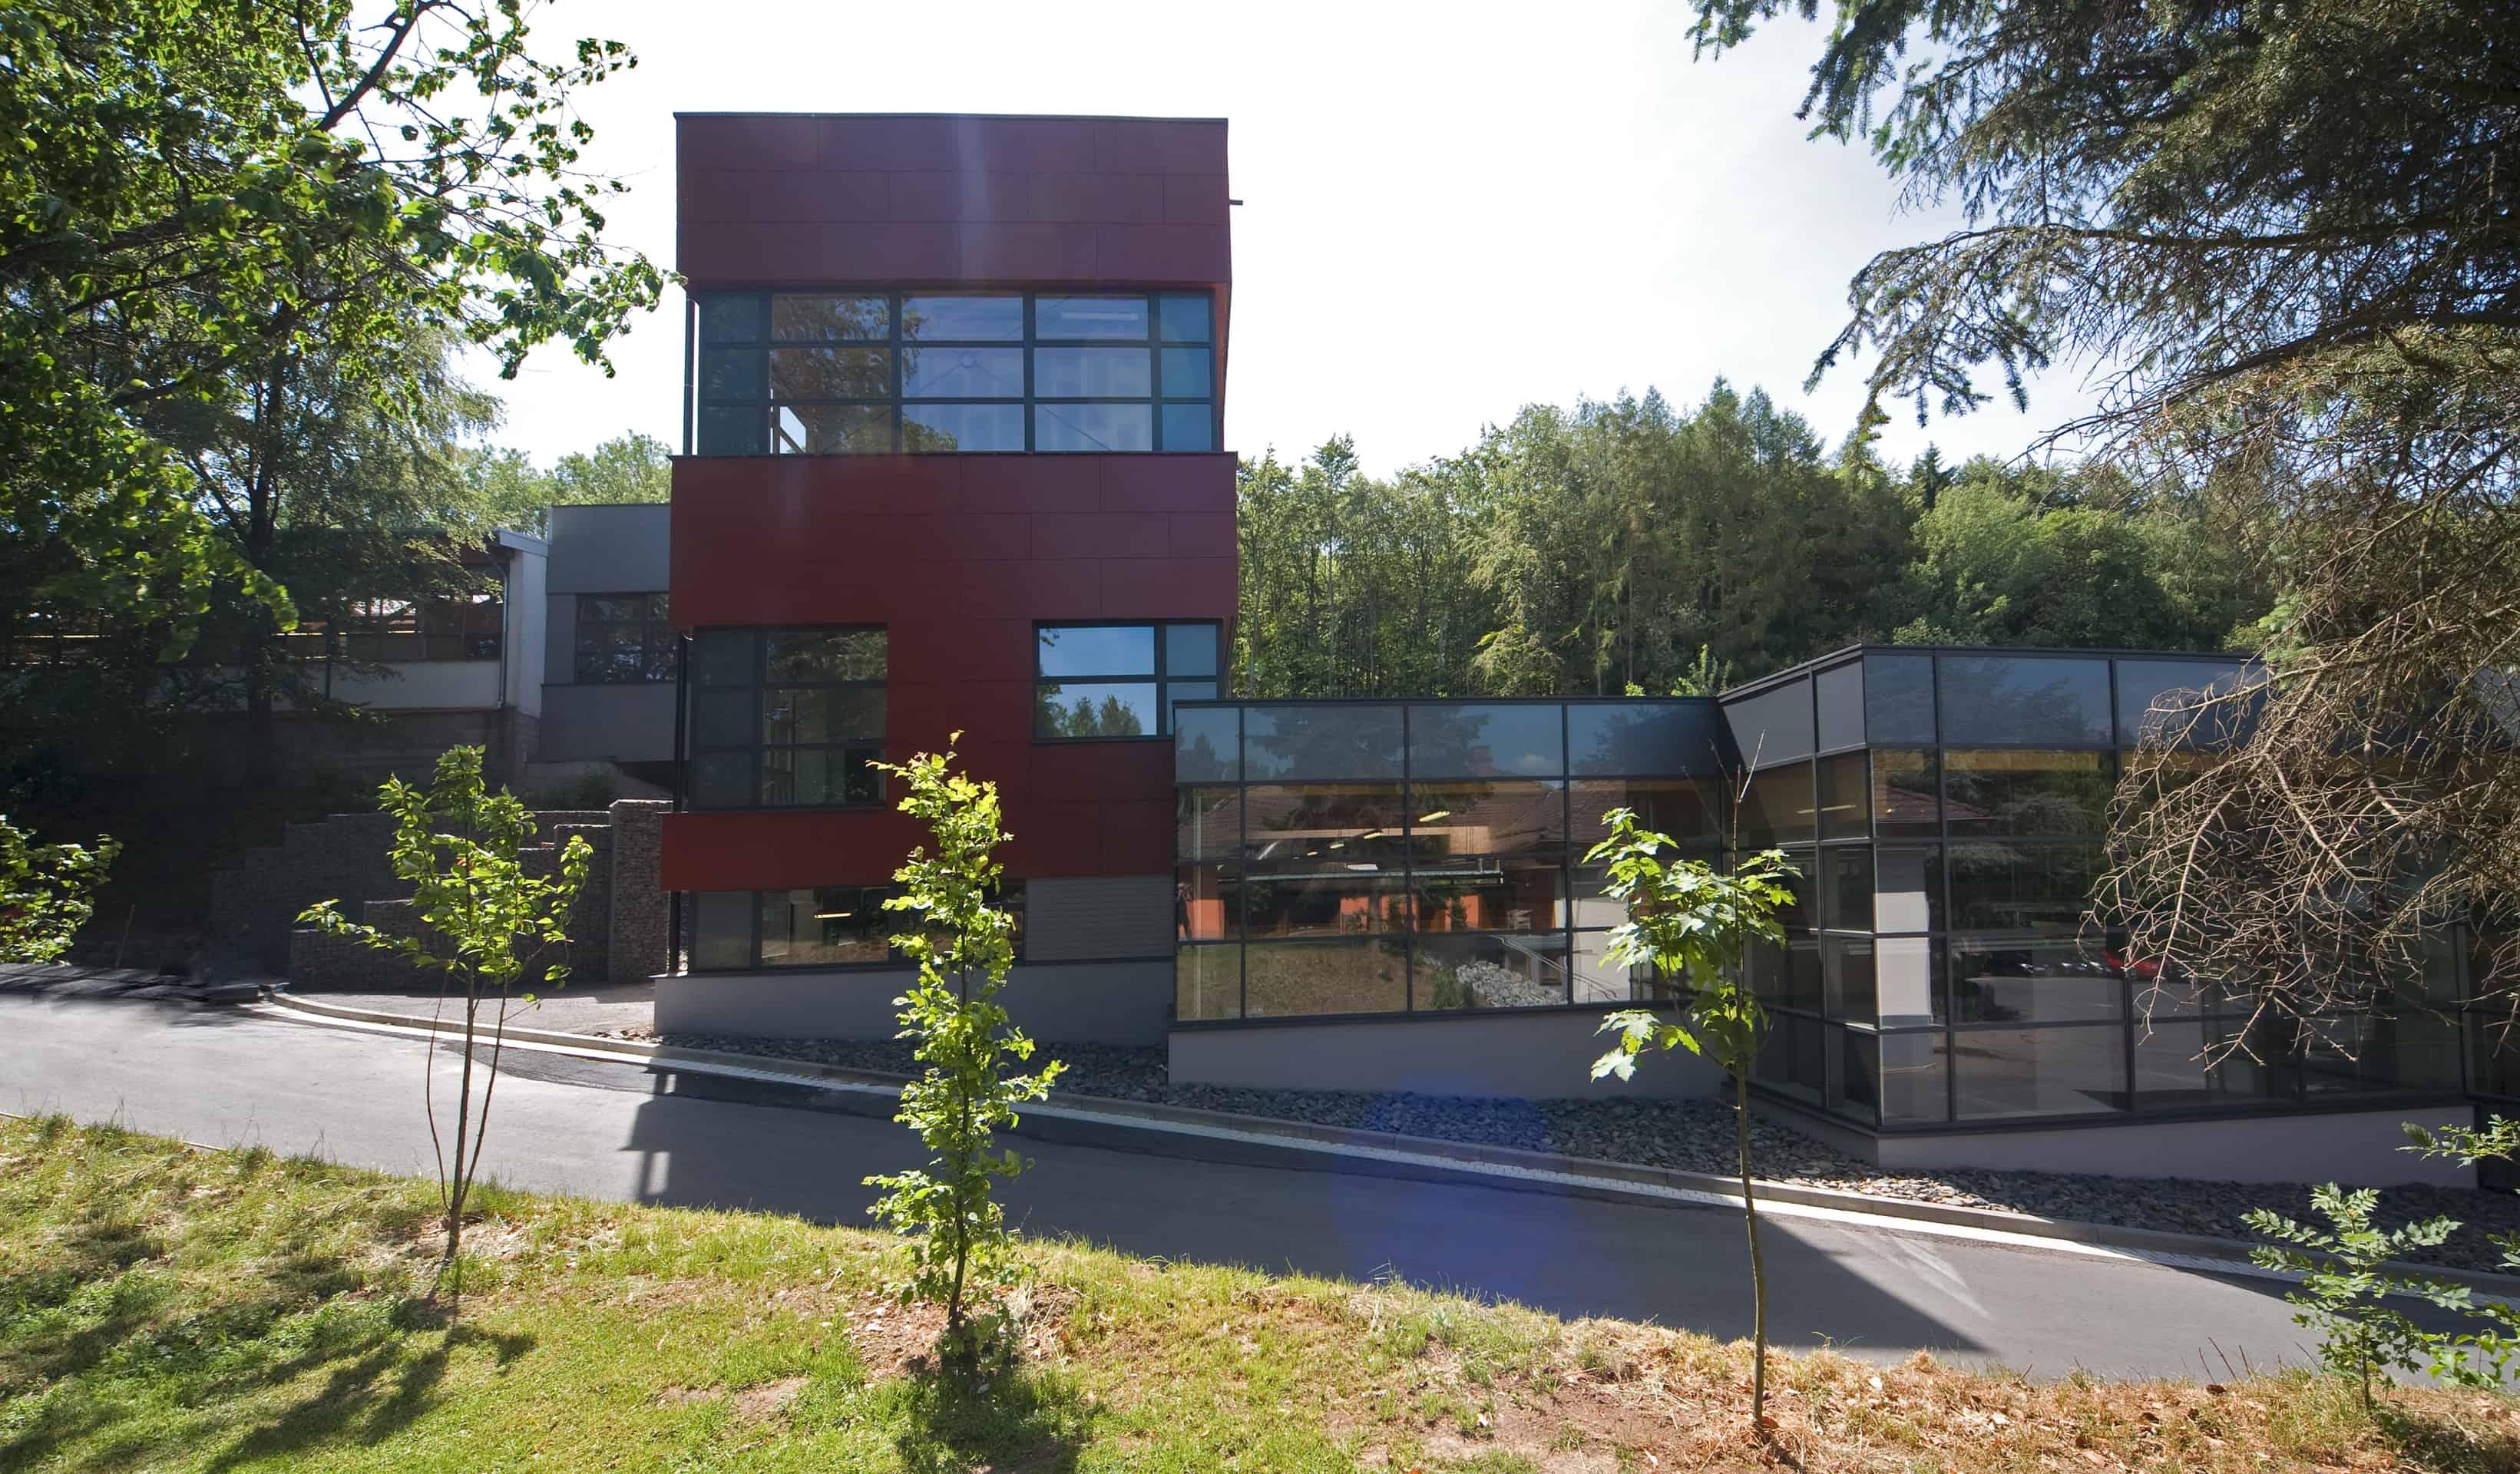 Stommel-Haus: Holzhaus der Familie Kesten in Troisdorf